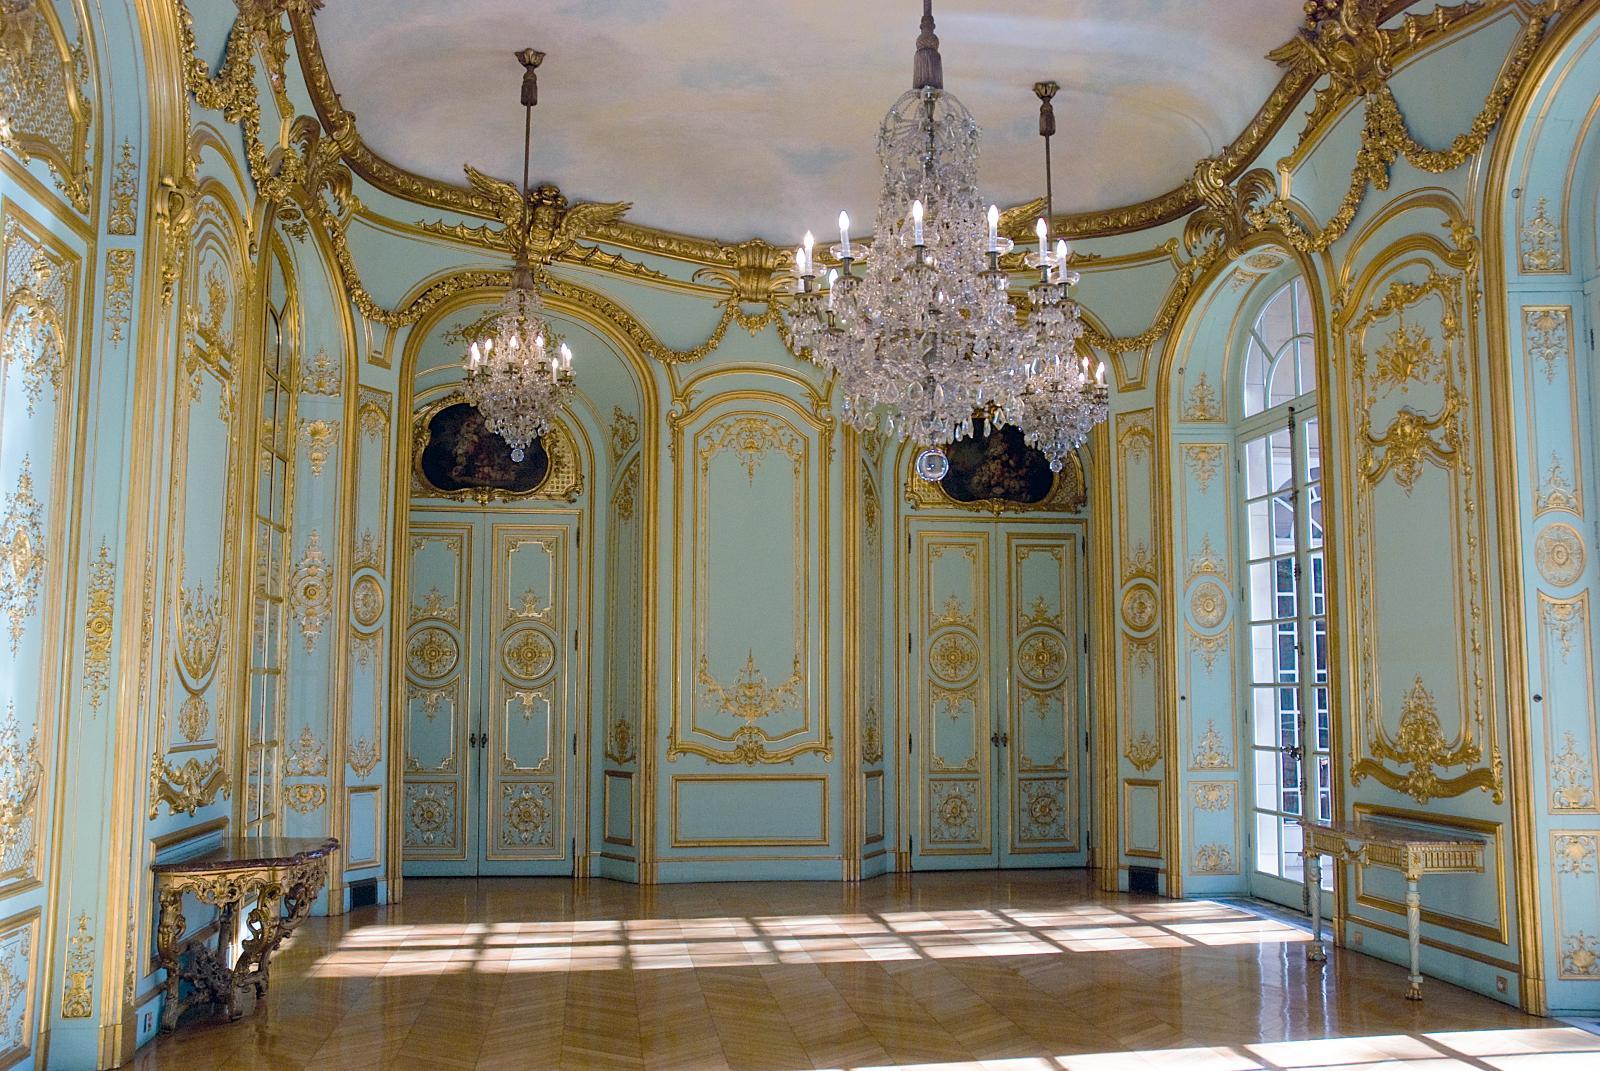 La salle de bal, ou salon doré, et ses boiseries du XVIIIe siècle.